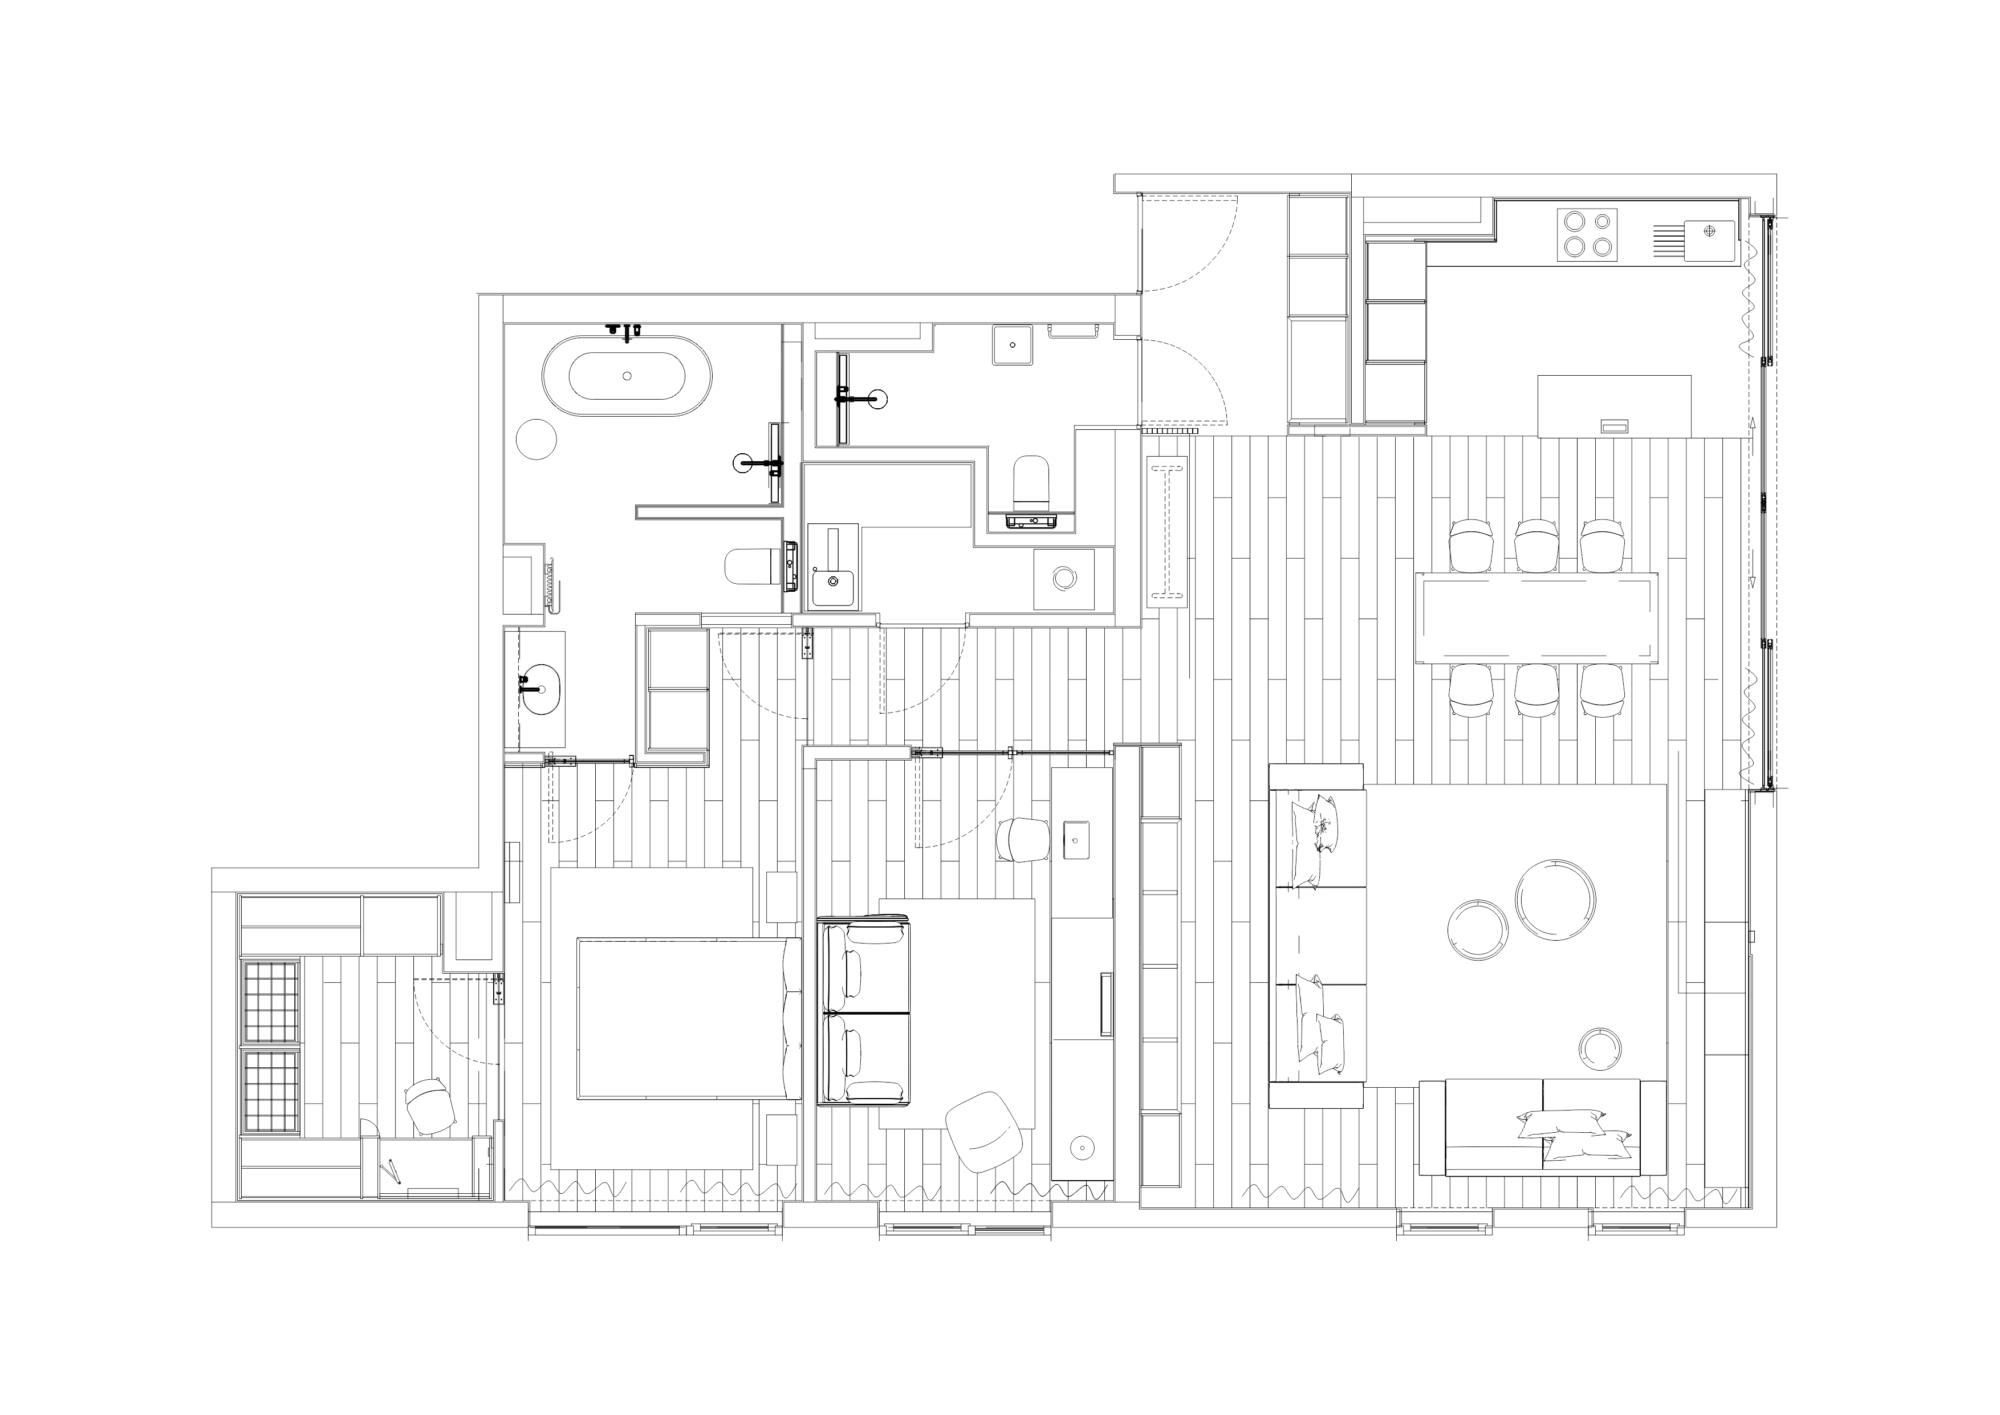 Rzut mieszkania, widoczne pomieszczenia apartamentu